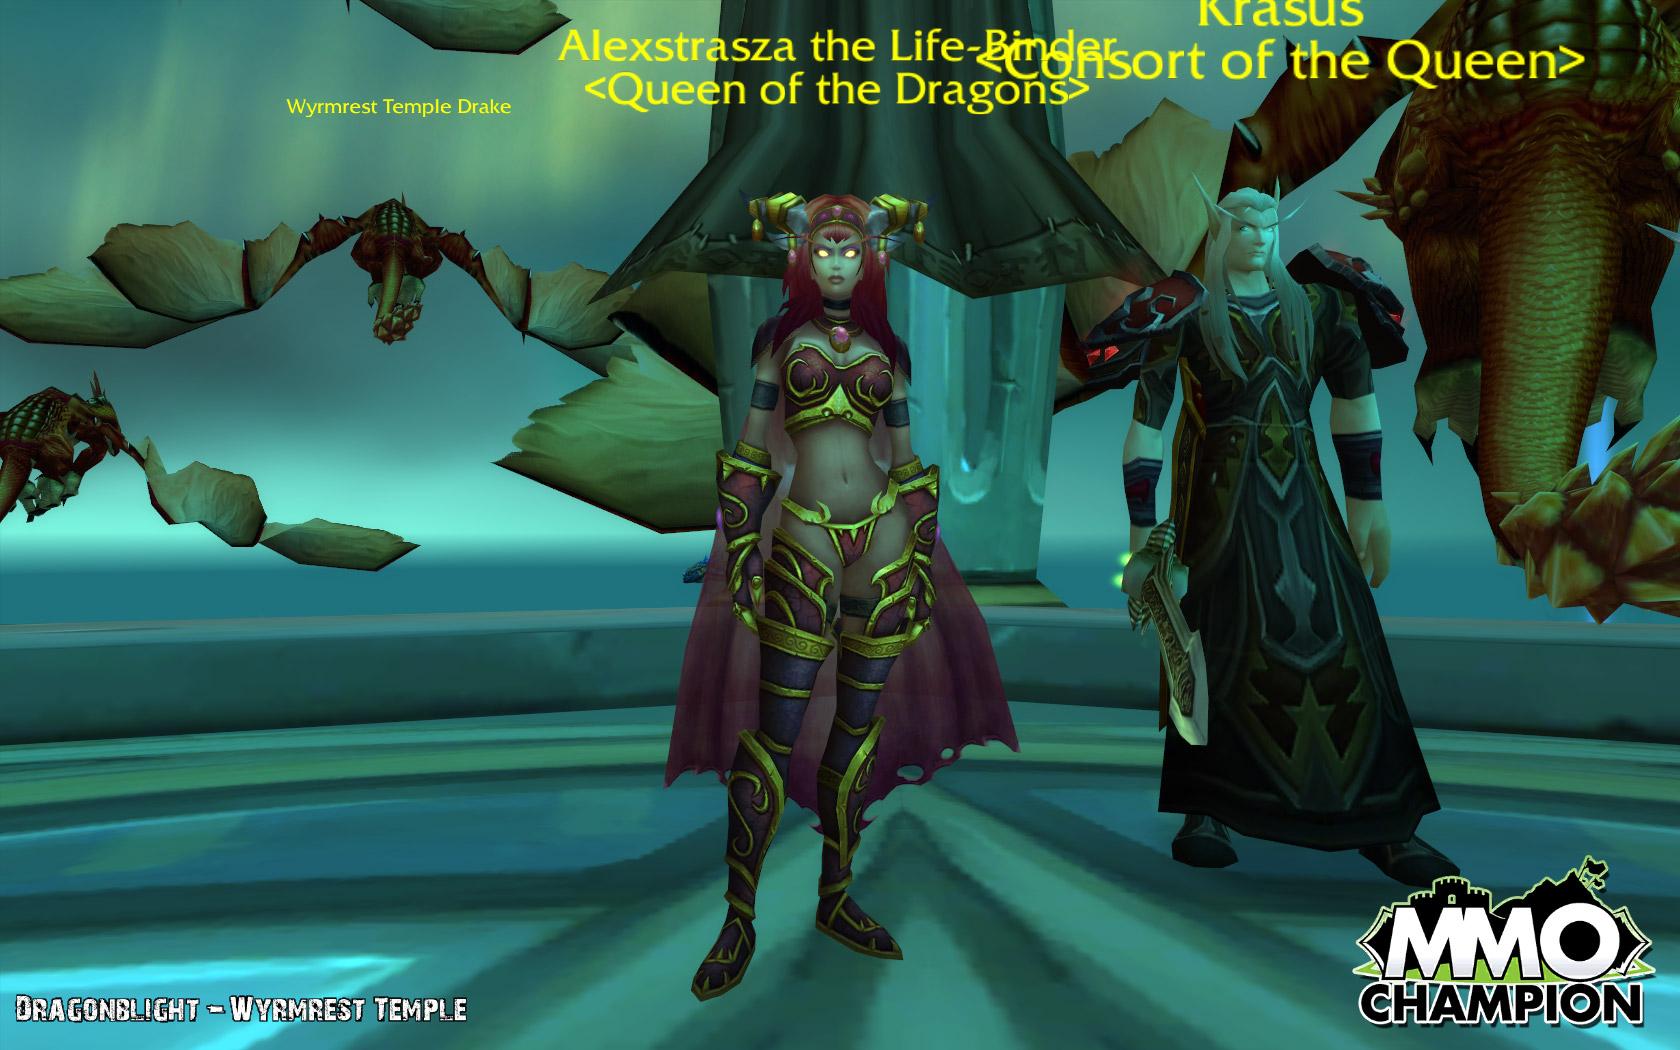 红龙女王阿莱克斯塔萨(人型形态)